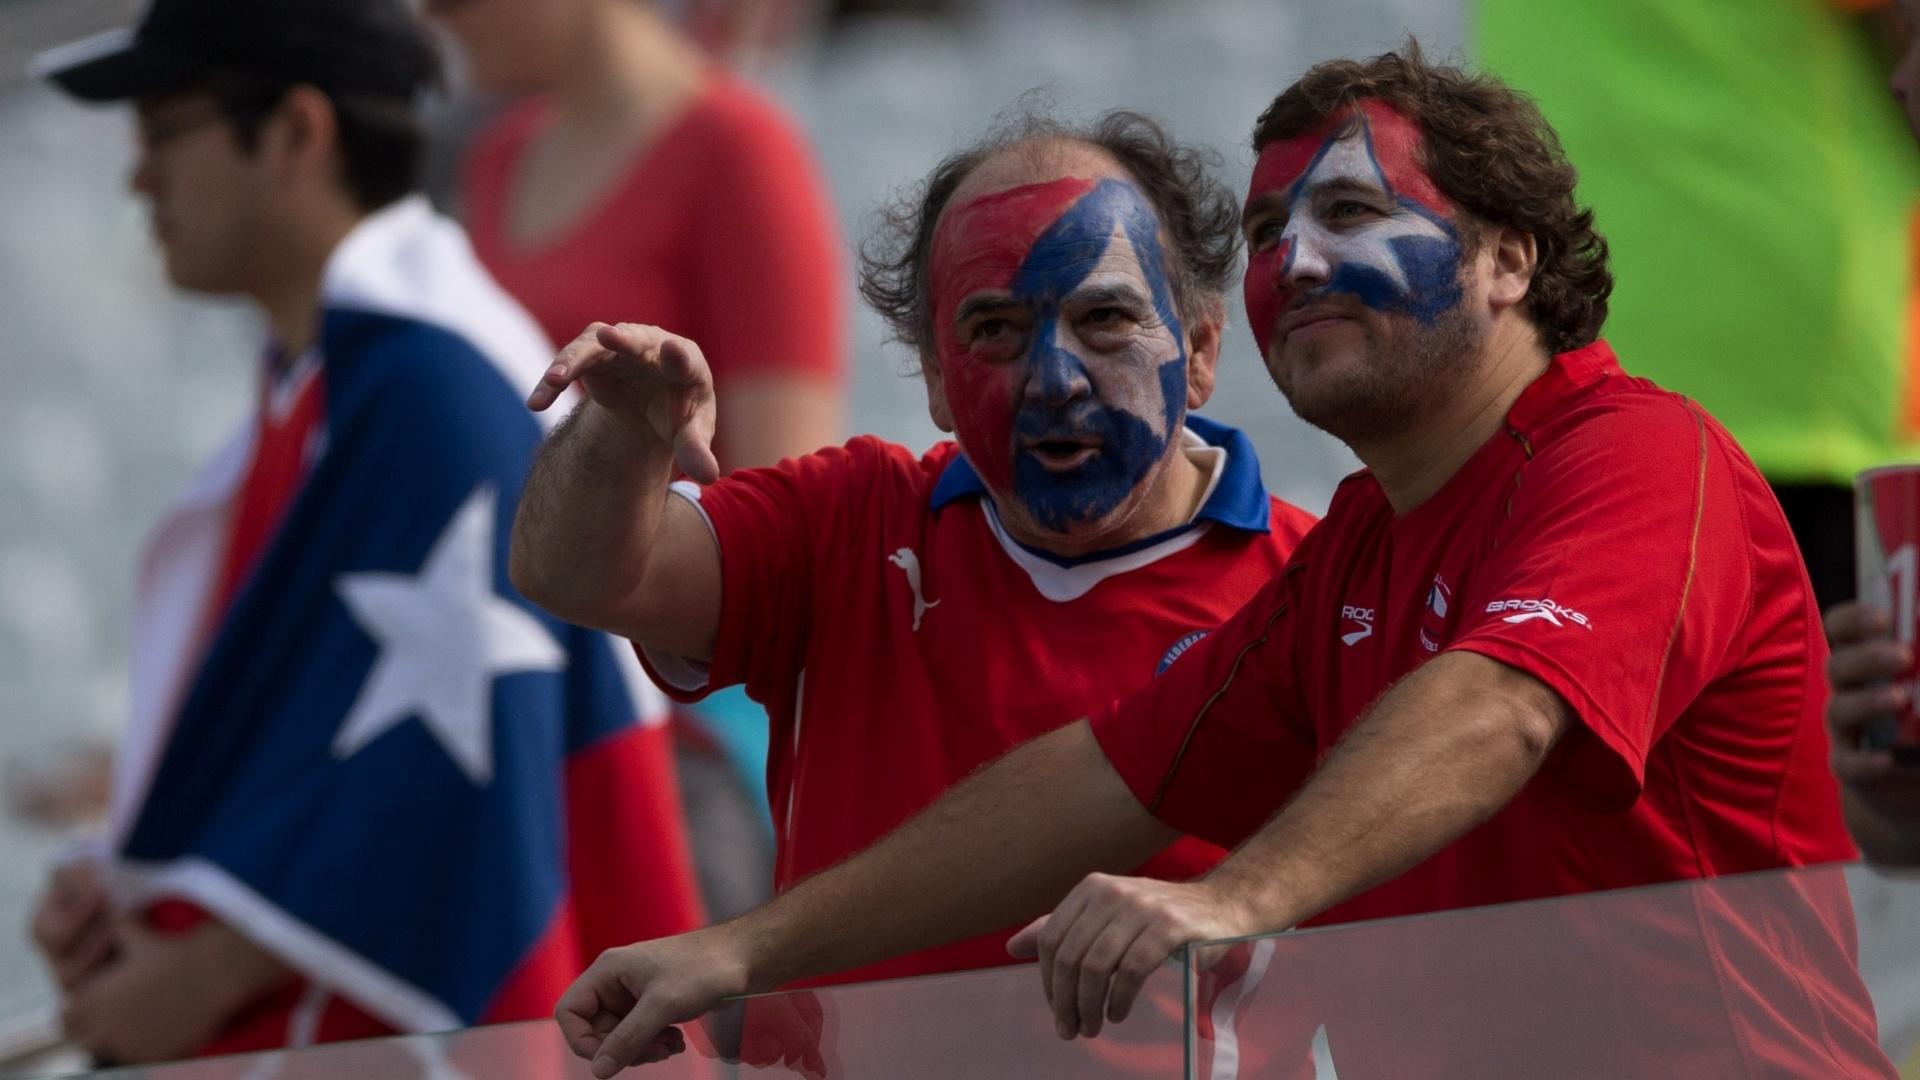 Chilenos já tomam as arquibancadas do Itaquerão para o jogo contra a Holanda